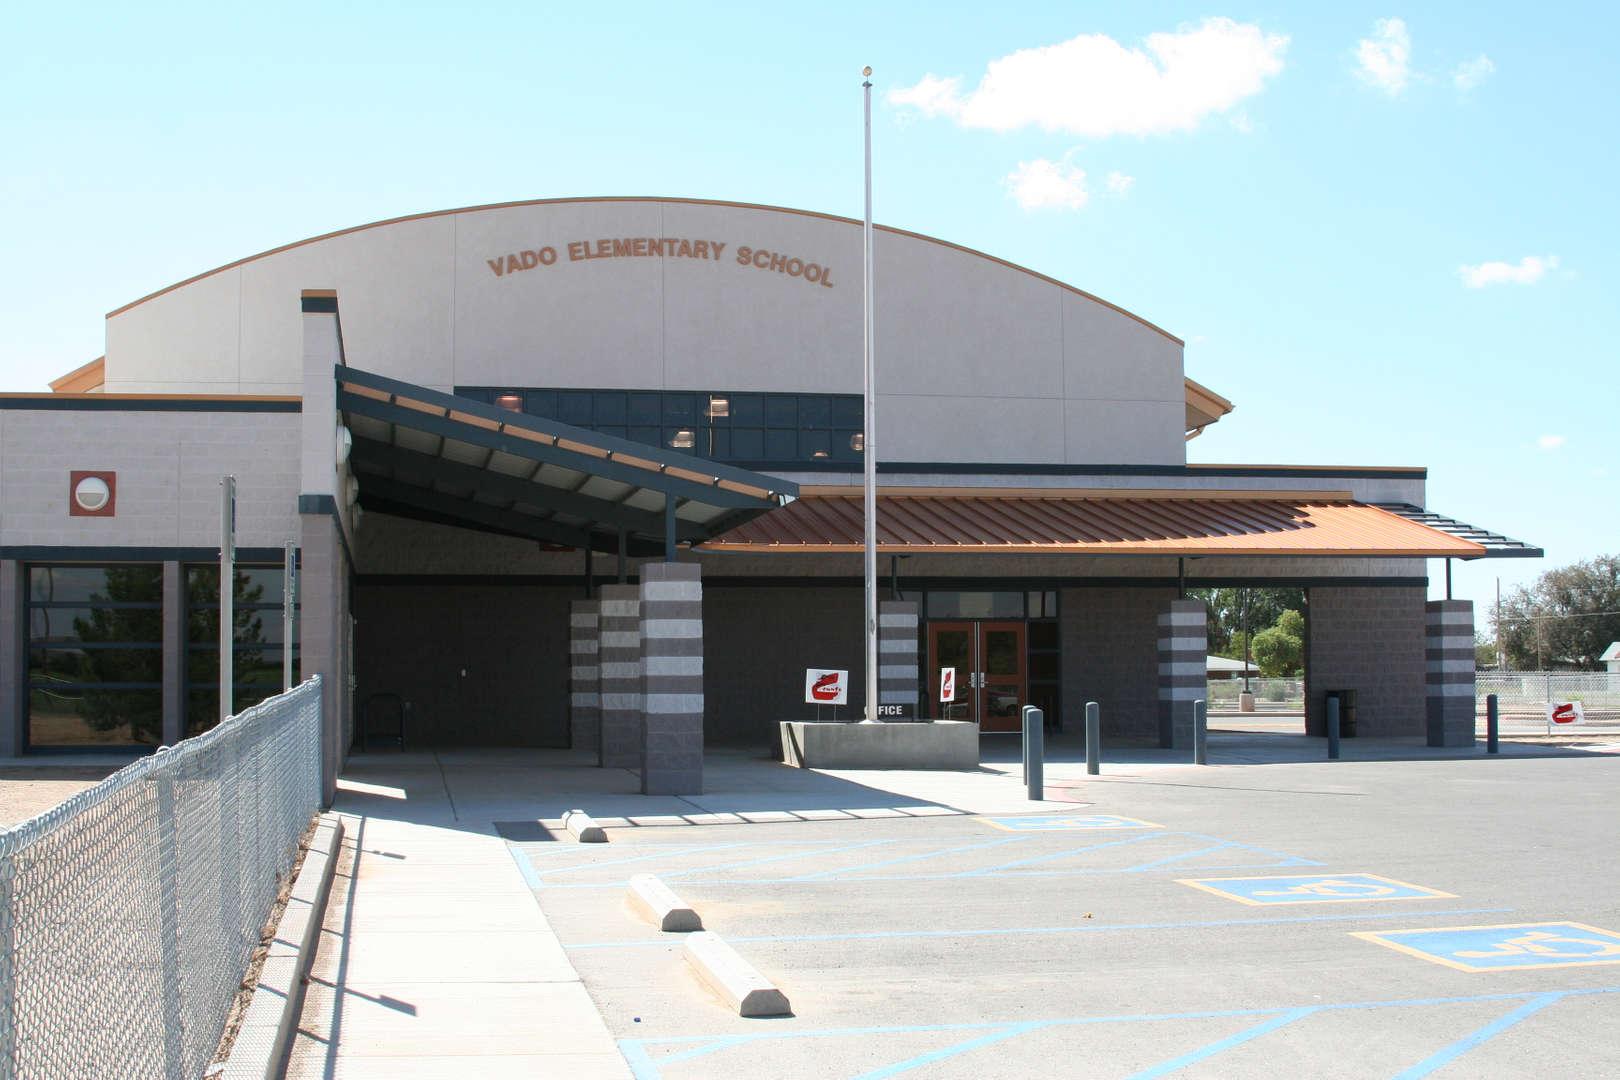 Vado Elementary School front fascade